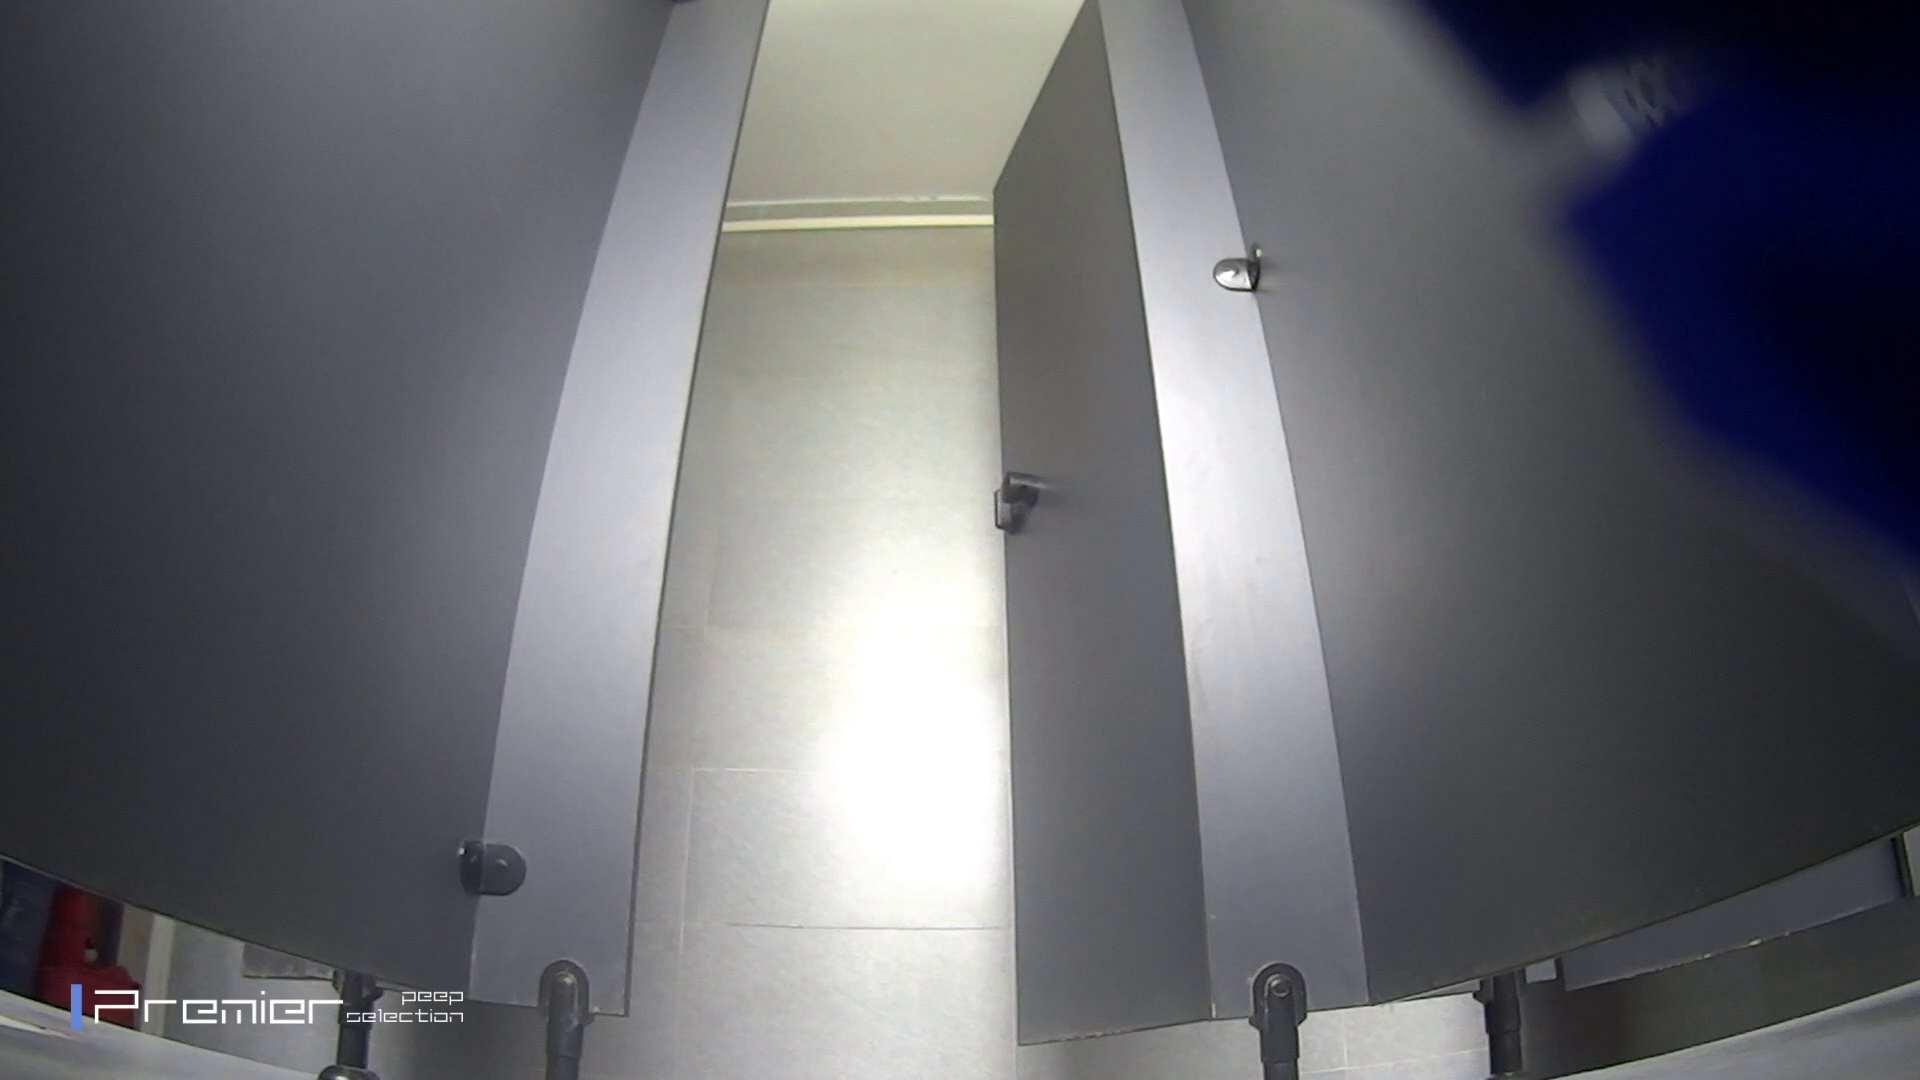 ツンデレお女市さんのトイレ事情 大学休憩時間の洗面所事情32 洗面所 盗み撮りSEX無修正画像 25pic 2